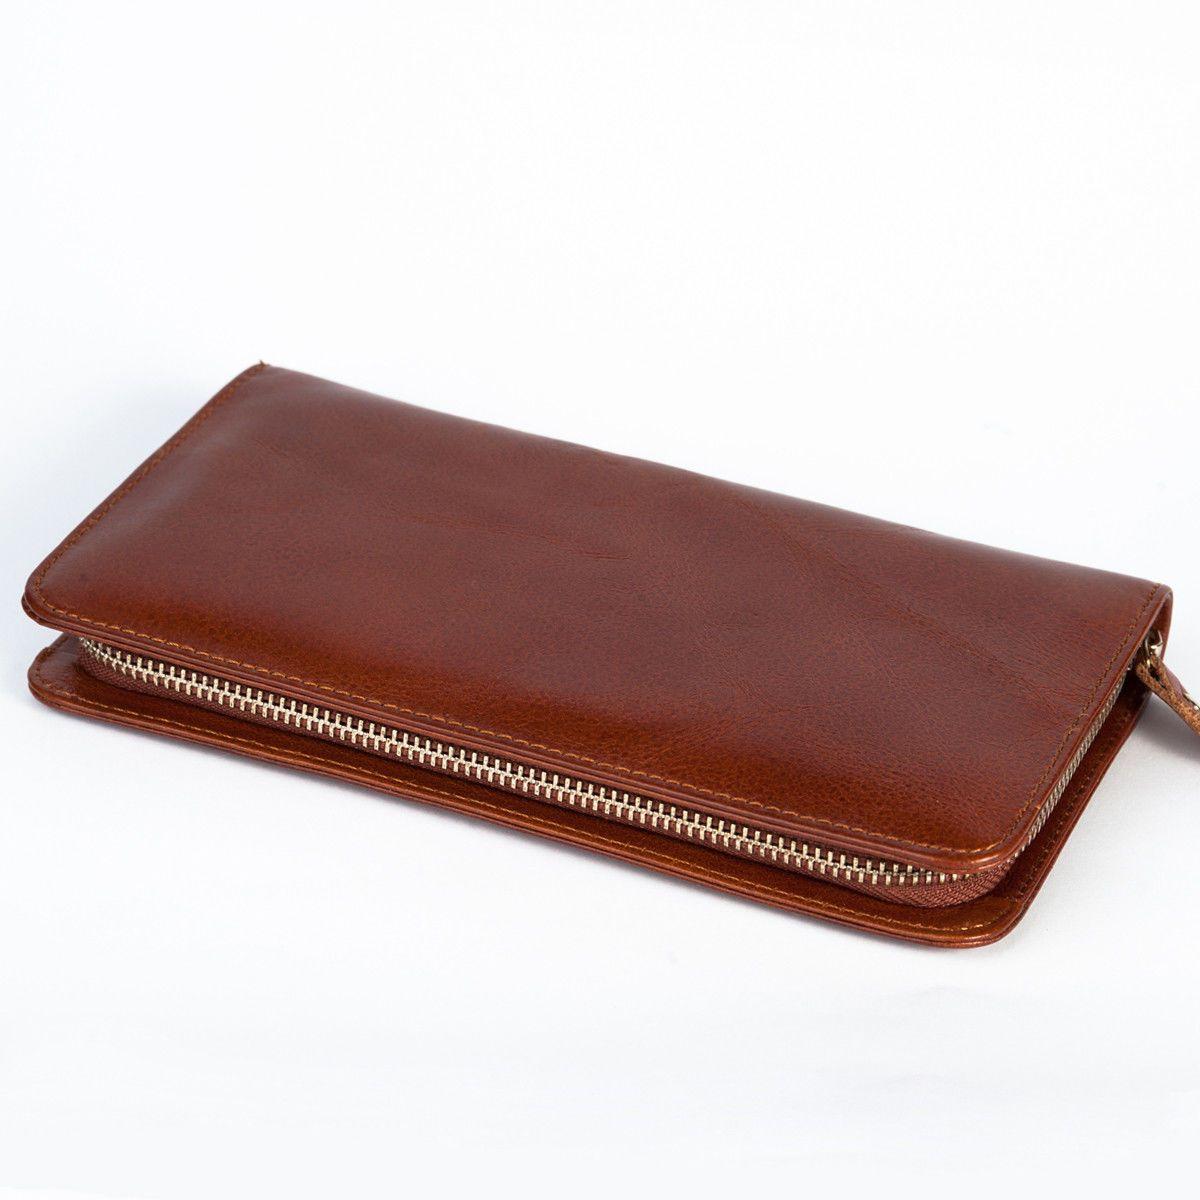 853d9491169c Кожаный клатч John McDee 8022B – в интернет-магазине Clutch&Clutch.  Натуральная кожа. Размеры: 21.5 * 12 * 2.5 см. #кожаныйклатч #мужскойклатч